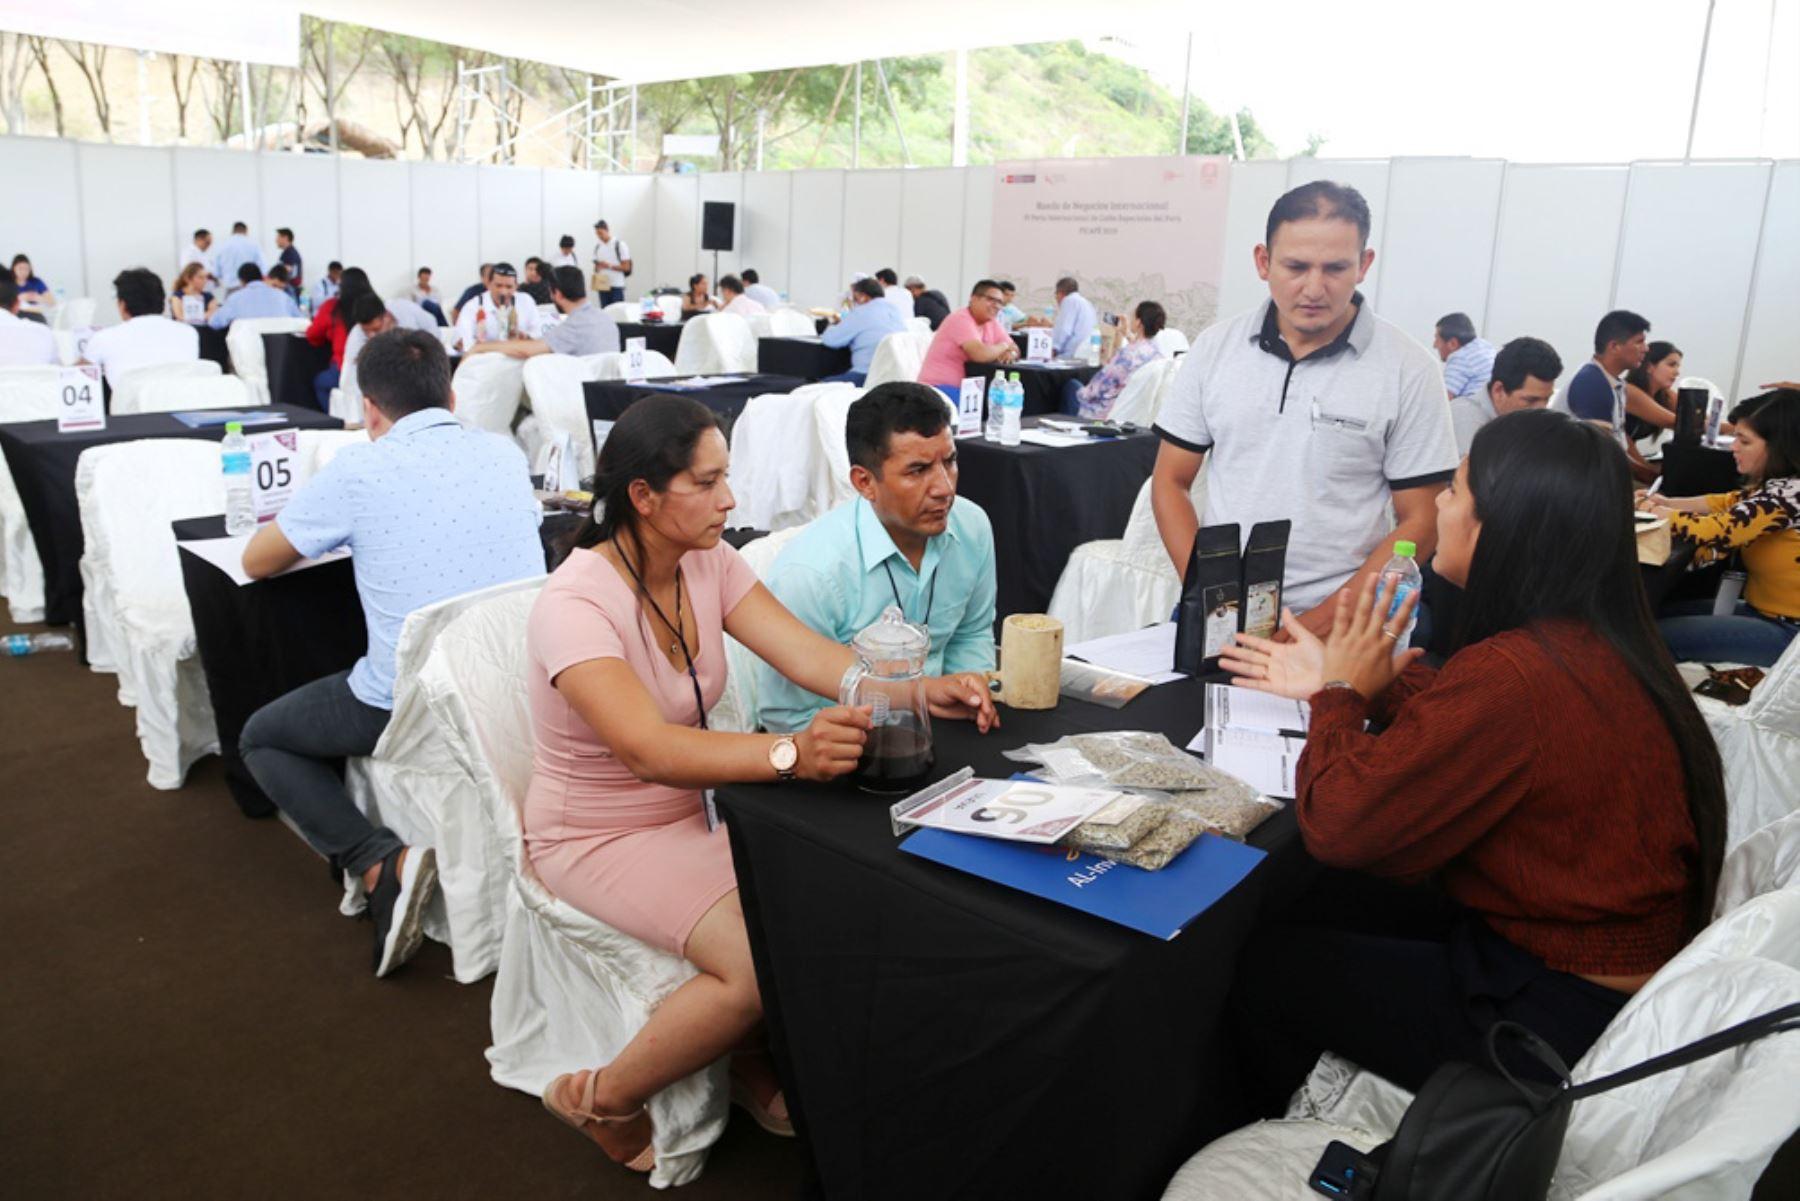 Rueda de negocios en Ficafé 2019, que se desarrolló en Jaén, Cajamarca, generó compromisos de negocios por más de S/ 20 millones. ANDINA/Difusión